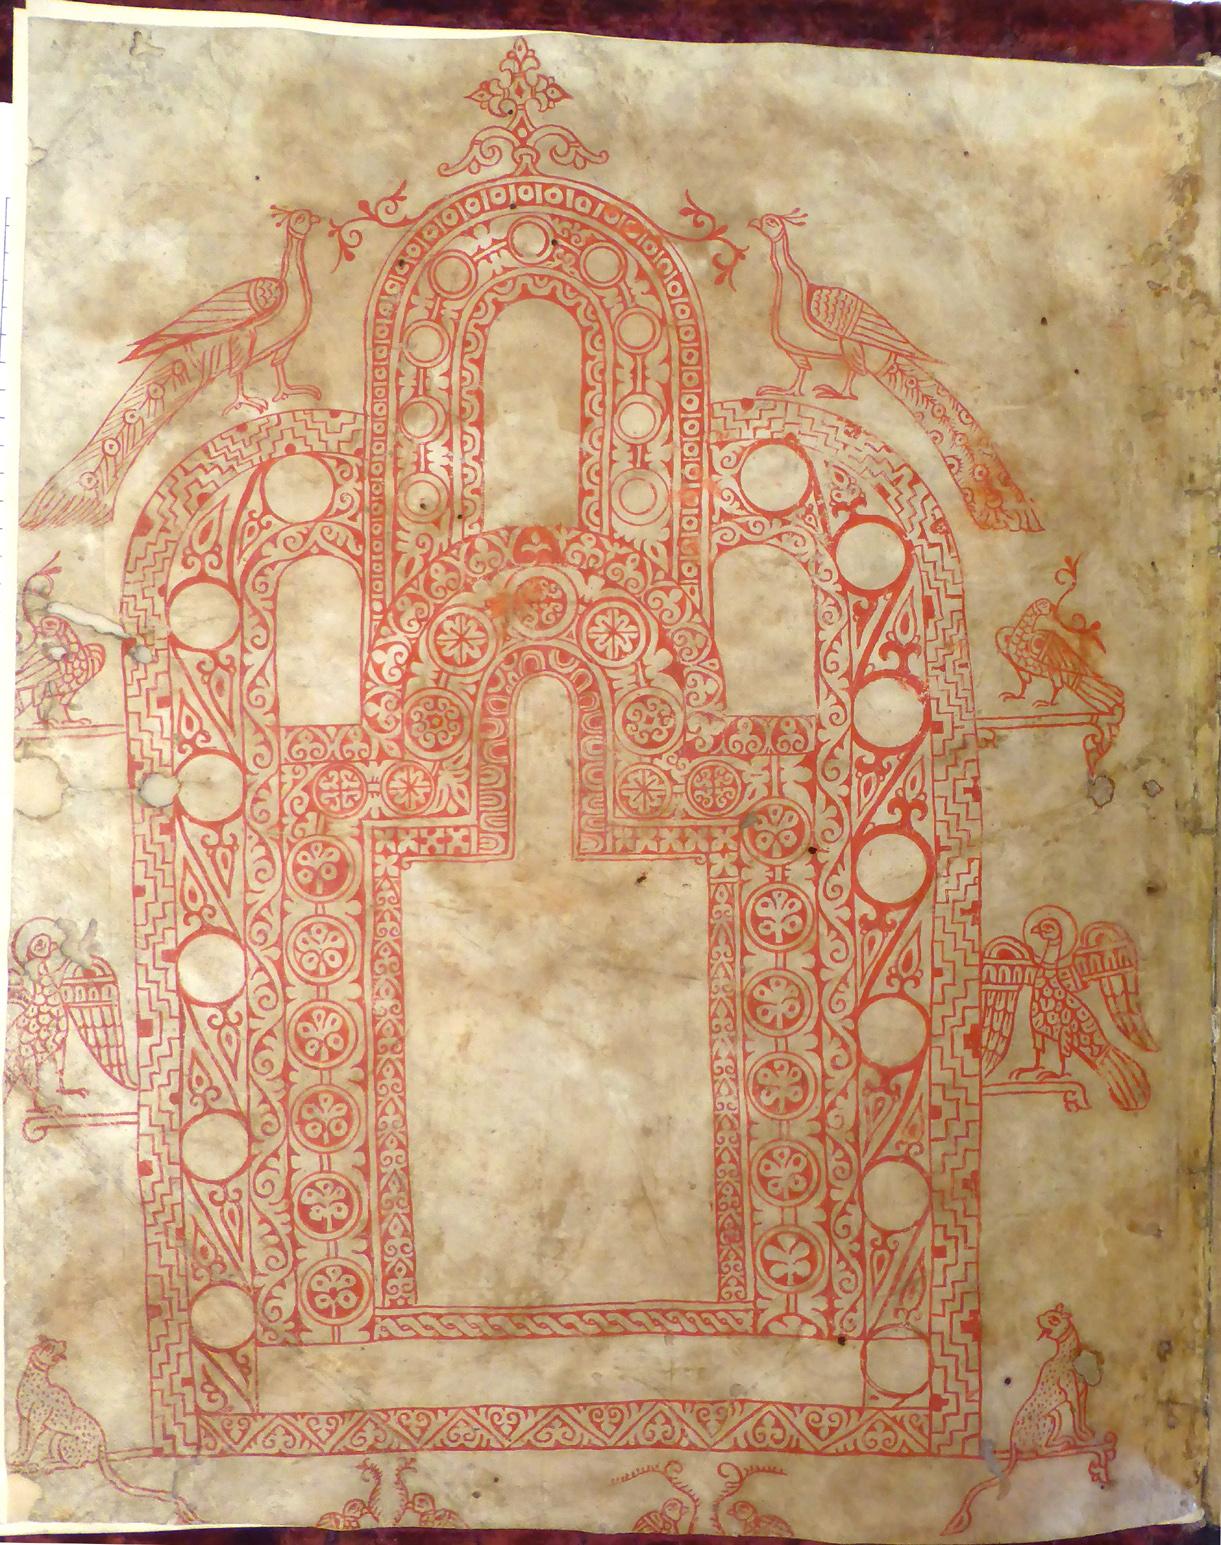 Юрьевское Евангелие, 1119–1128 гг. (ГИМ. Син. 1003). Л. 1 об. Фронтиспис.